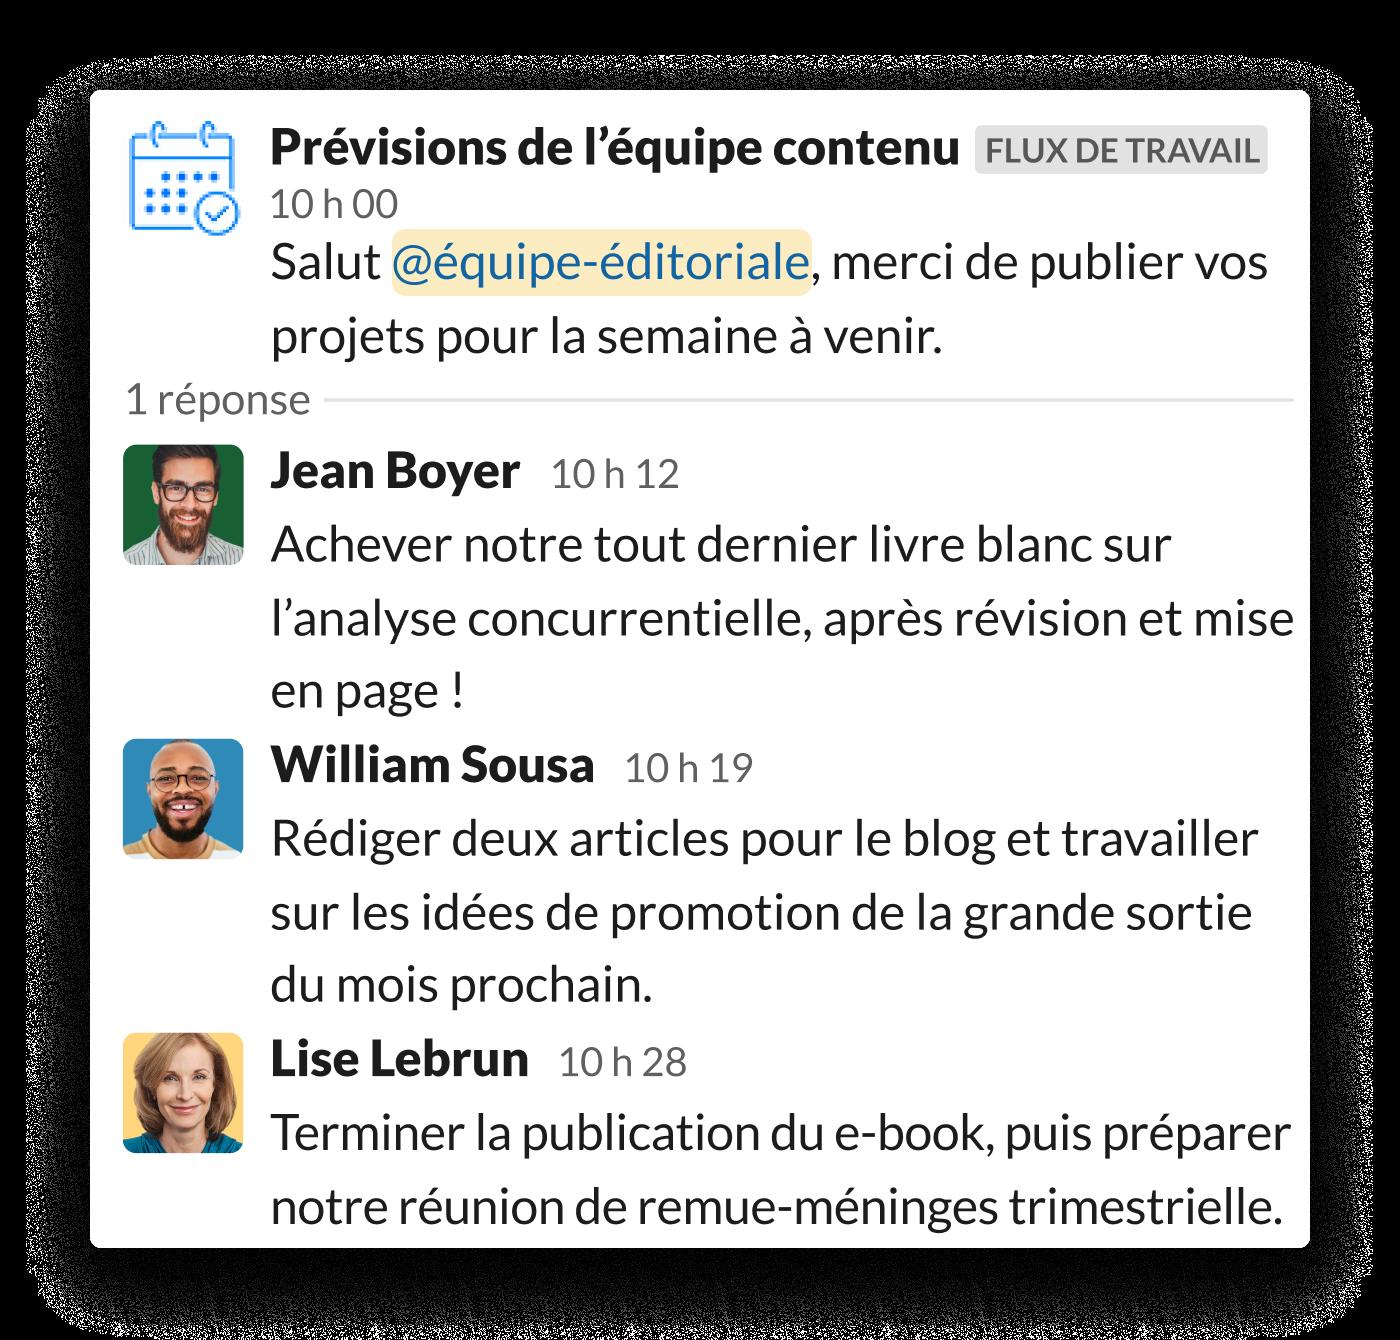 Une équipe marketing de contenu partage ses objectifs quotidiens dans un fil de discussion Slack en suivant l'invite du Générateur de flux de travail